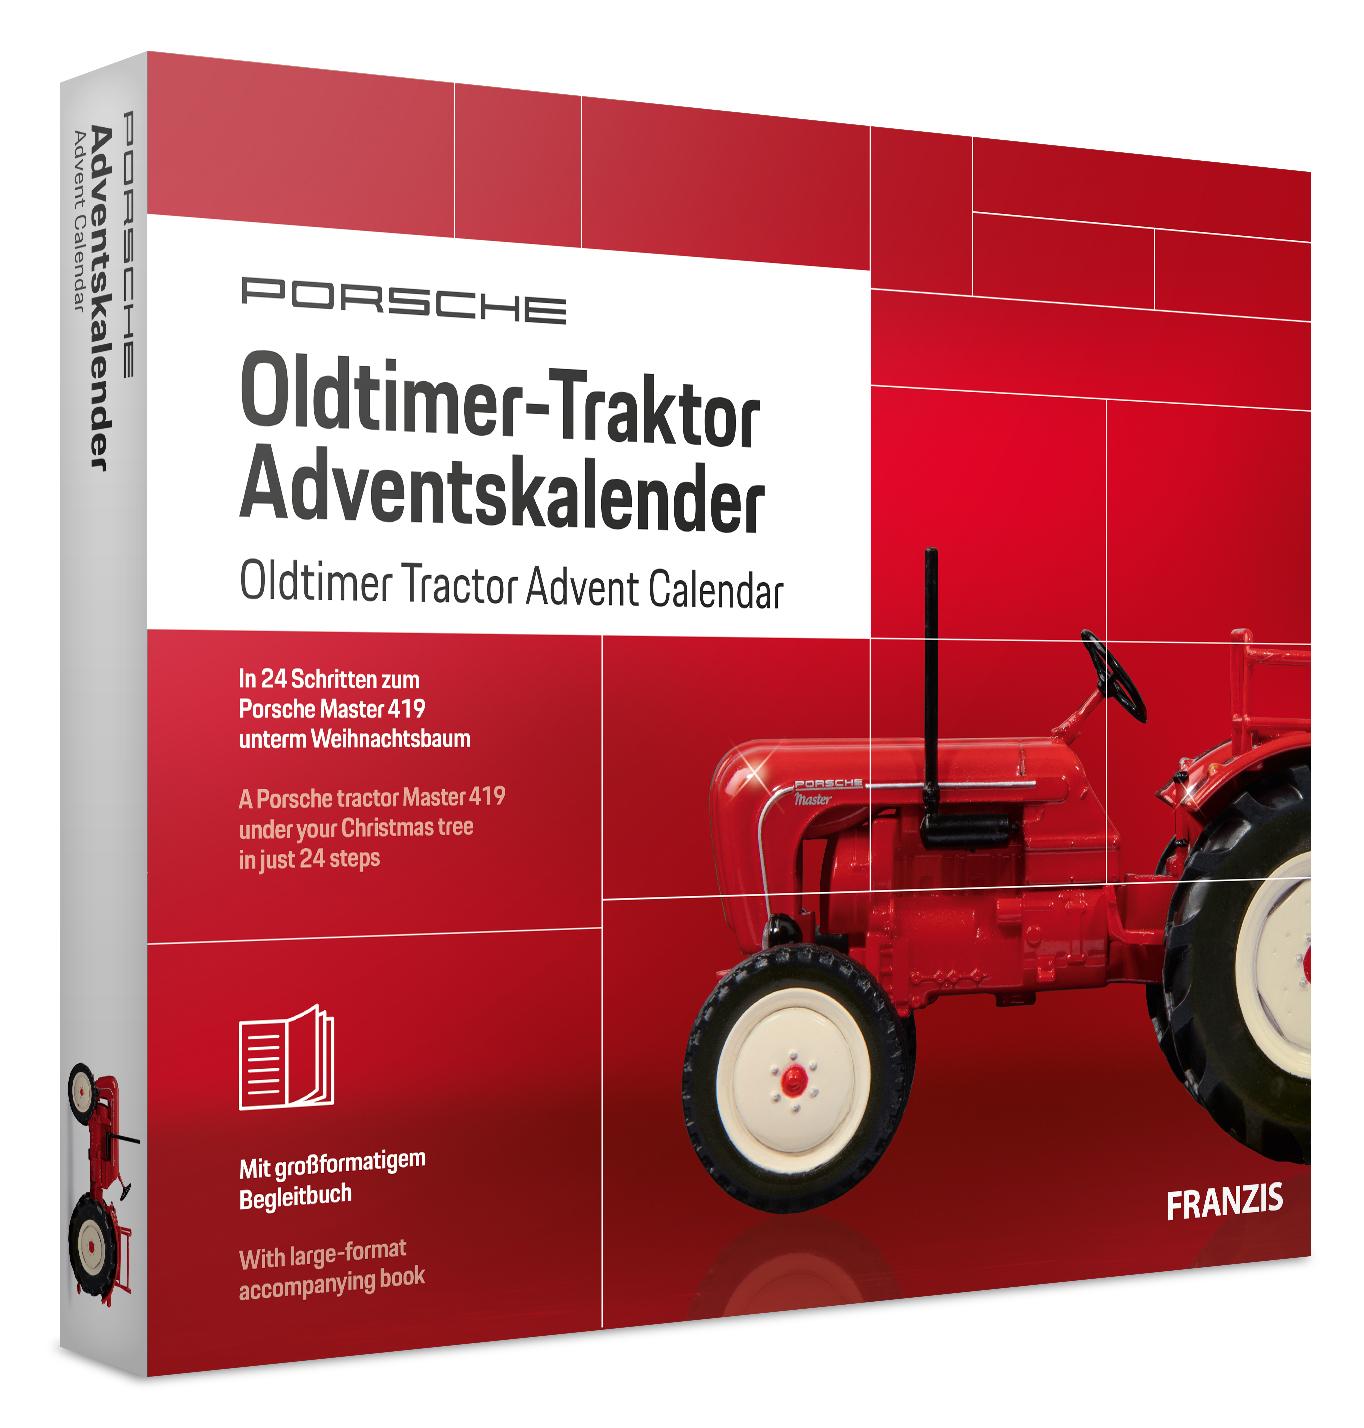 Adventskalender Oldtimer-Taktor